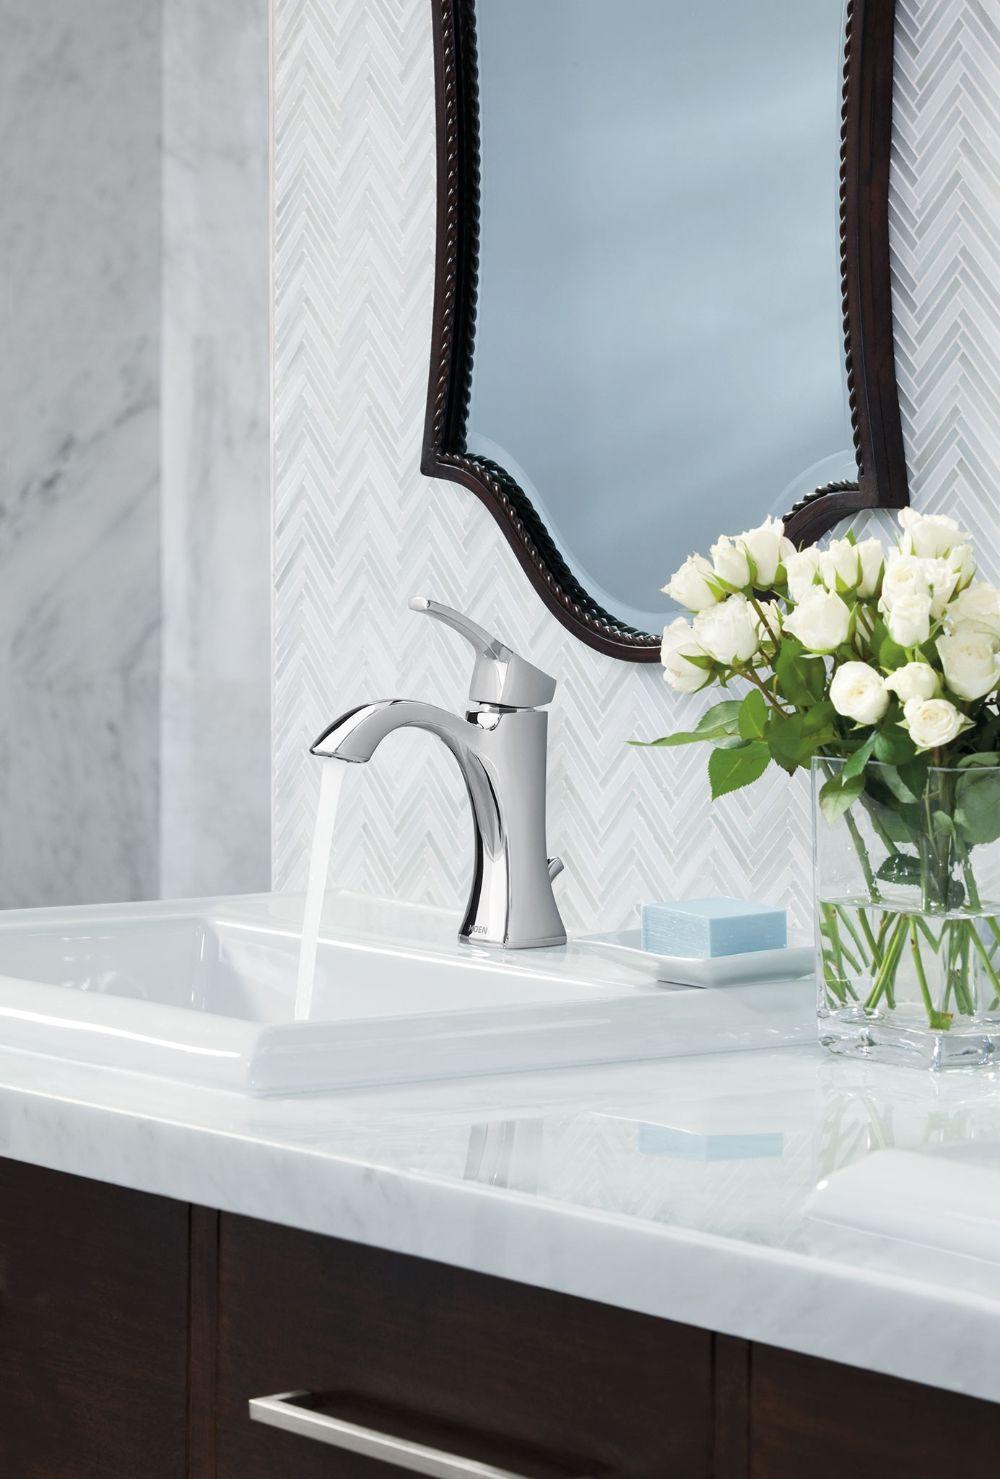 Voss Chrome One Handle High Arc Bathroom Faucet Best Bathroom